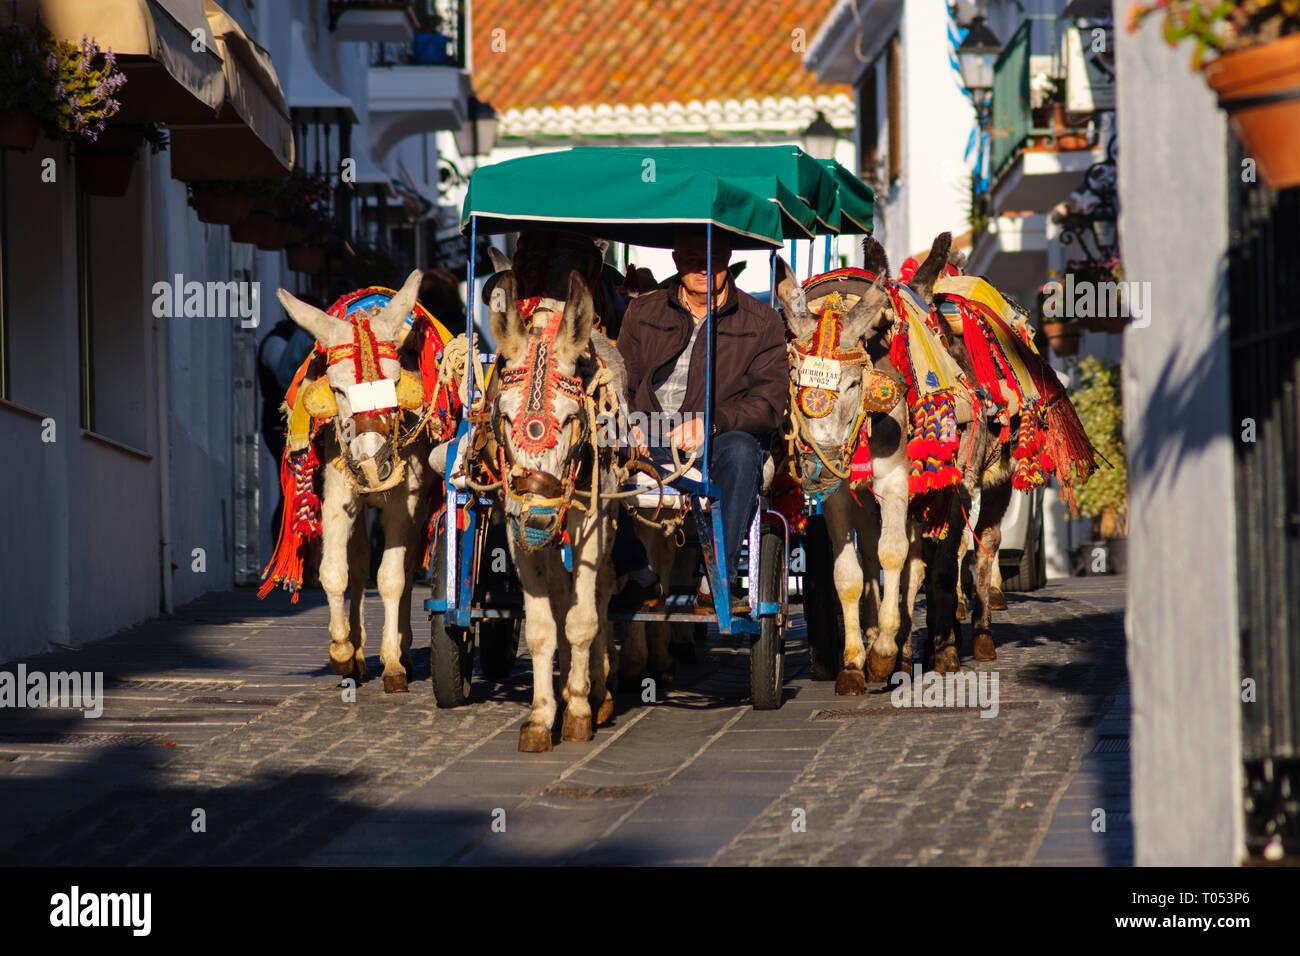 Berühmte Esel Taxi. Attraktion für Besucher, typische weiße Dorf Mijas. Costa del Sol, Málaga Provinz. Andalusien, Süd Spanien Europa Stockbild